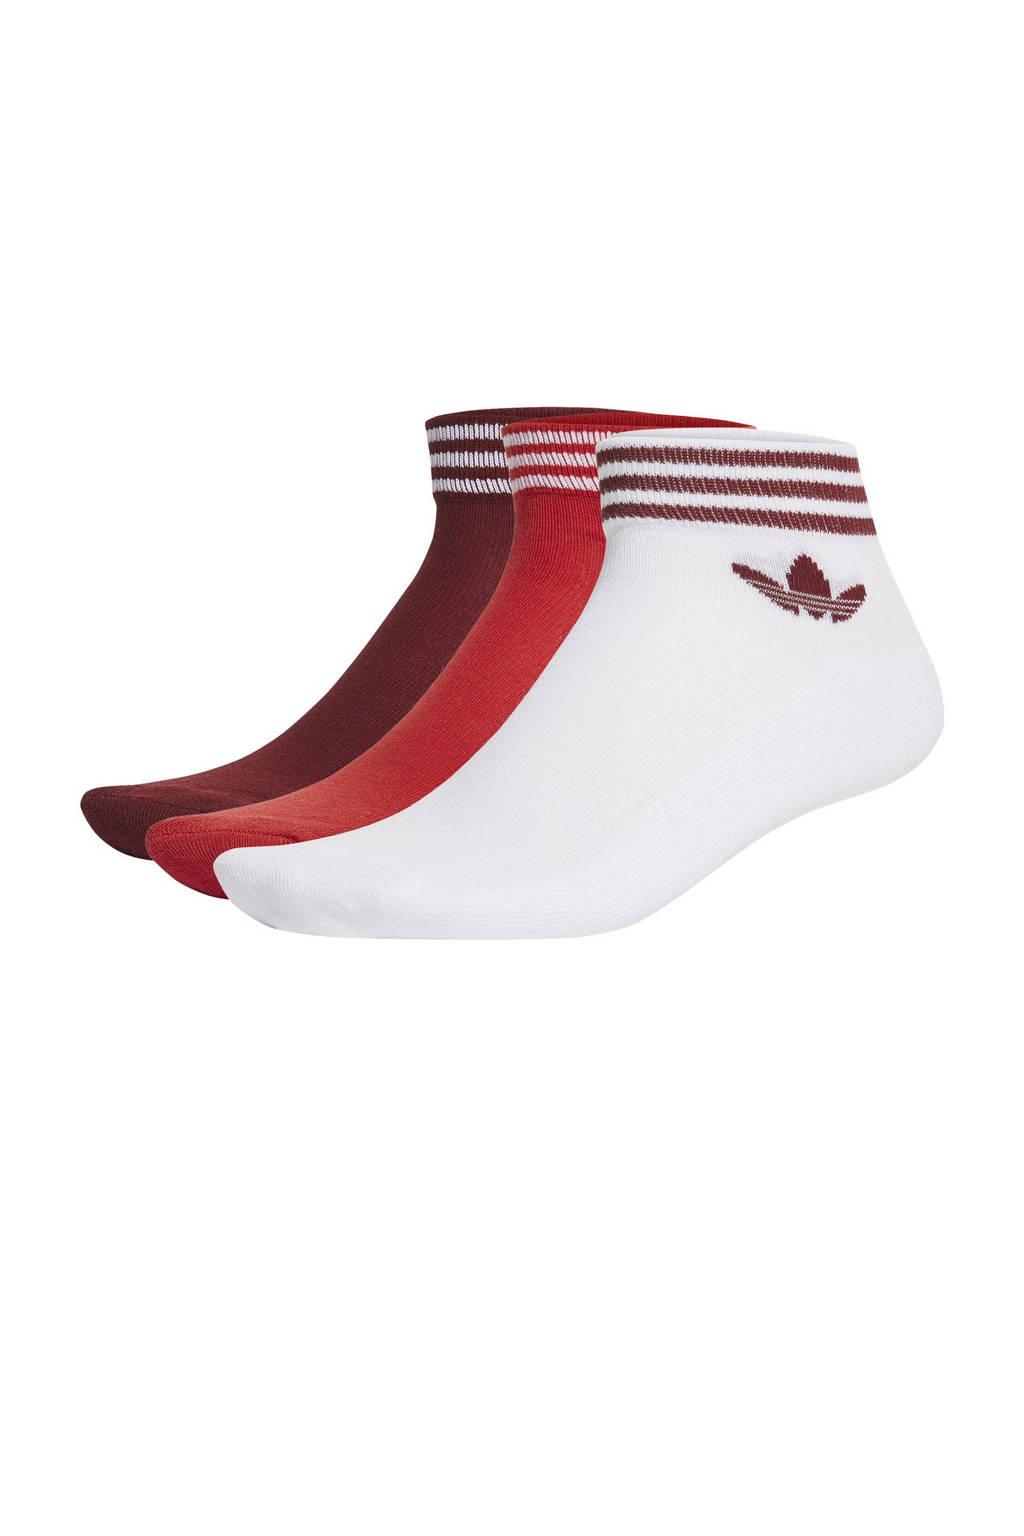 adidas Originals Adicolor sokken - set van 3 wit/rood/donkerrood, Wit/rood/donkerrood